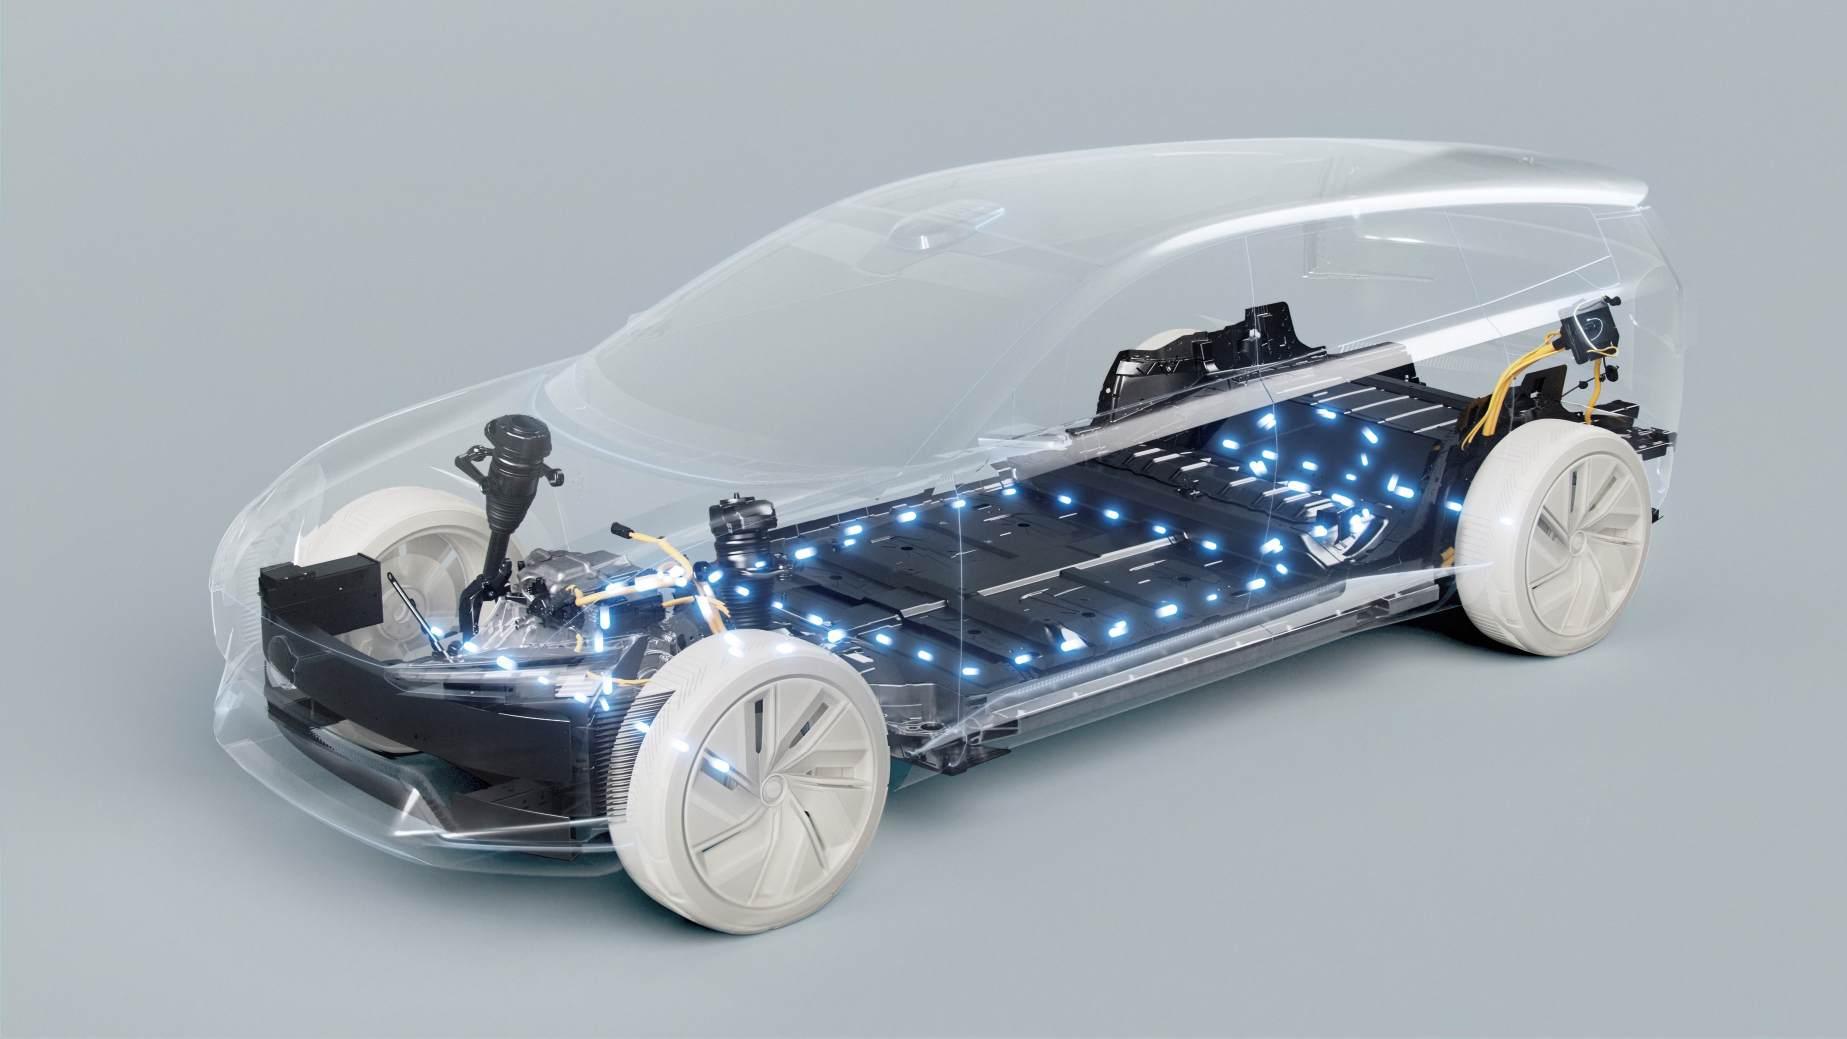 En collaboration avec Northvolt, Volvo vise à atteindre une autonomie réelle de 1 000 km pour ses véhicules électriques de troisième génération.  Image : Volvo